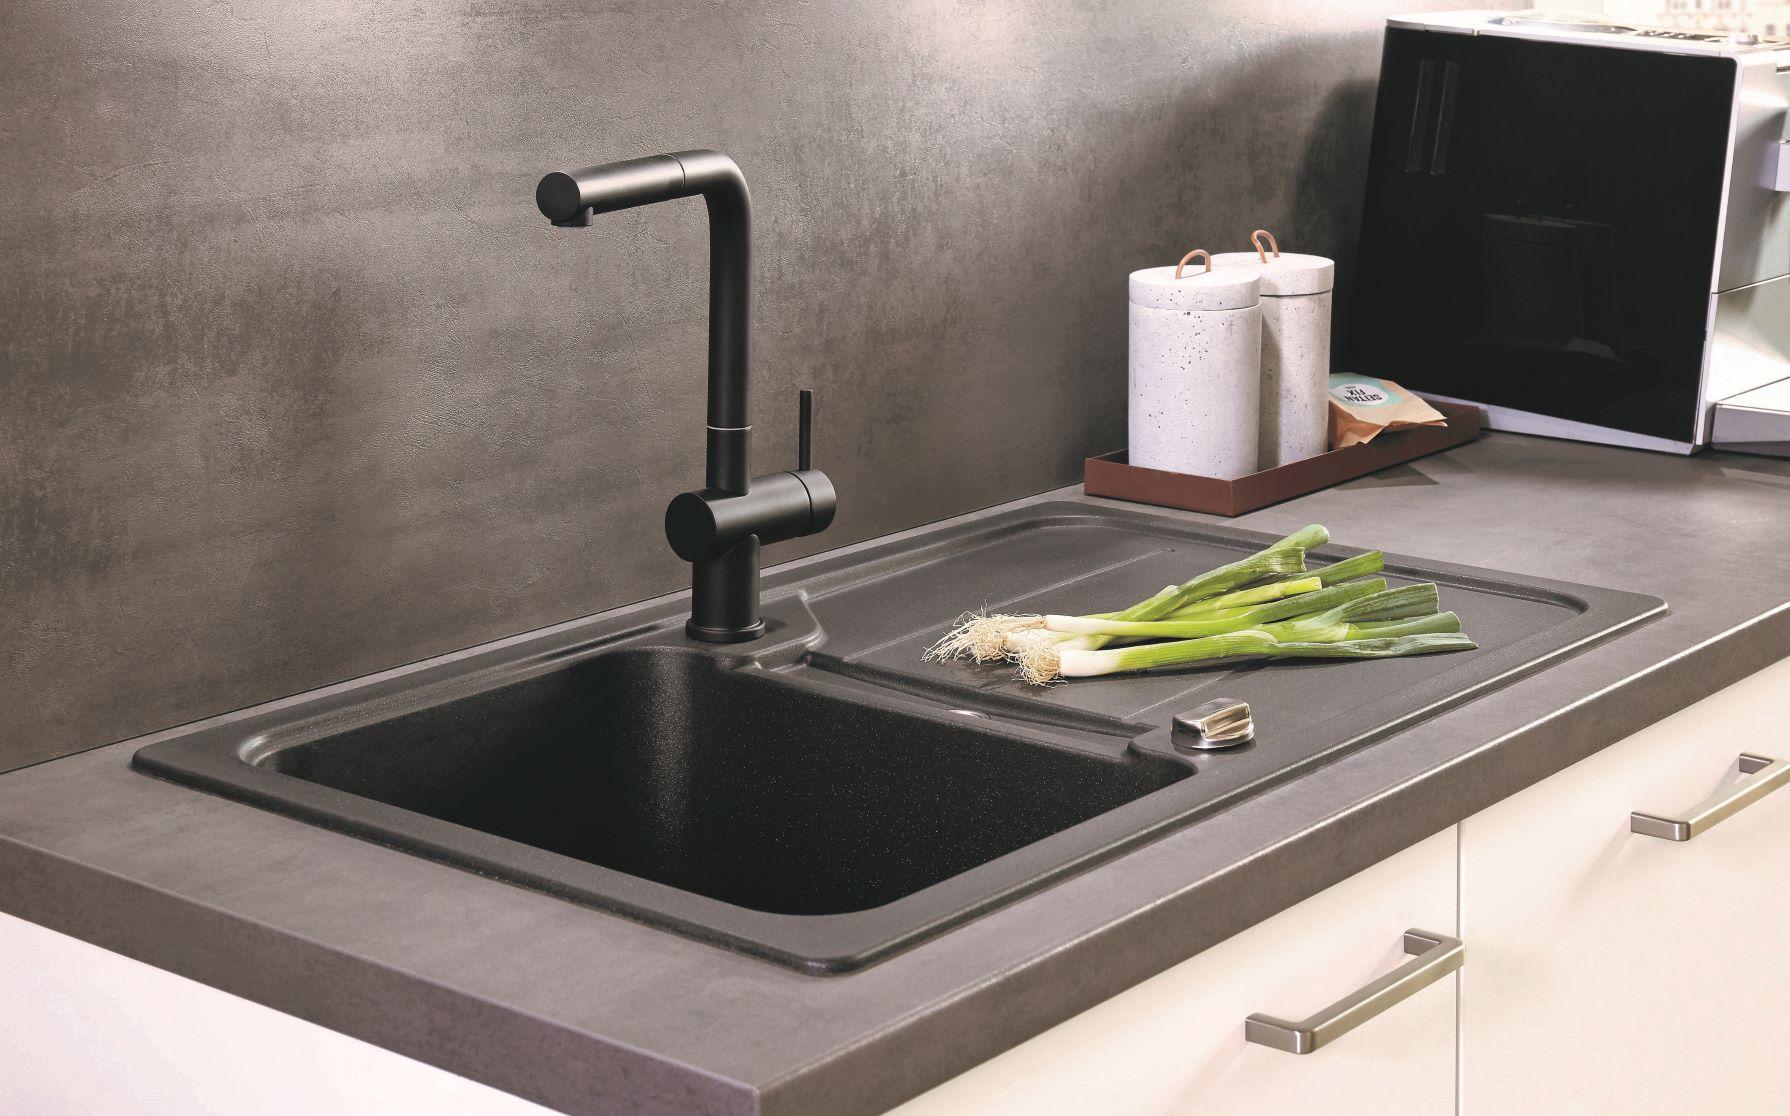 Details zu Arbeitsplatte nobilia 354 Beton Schiefergrau Küchenarbeitsplatte  38mm stark